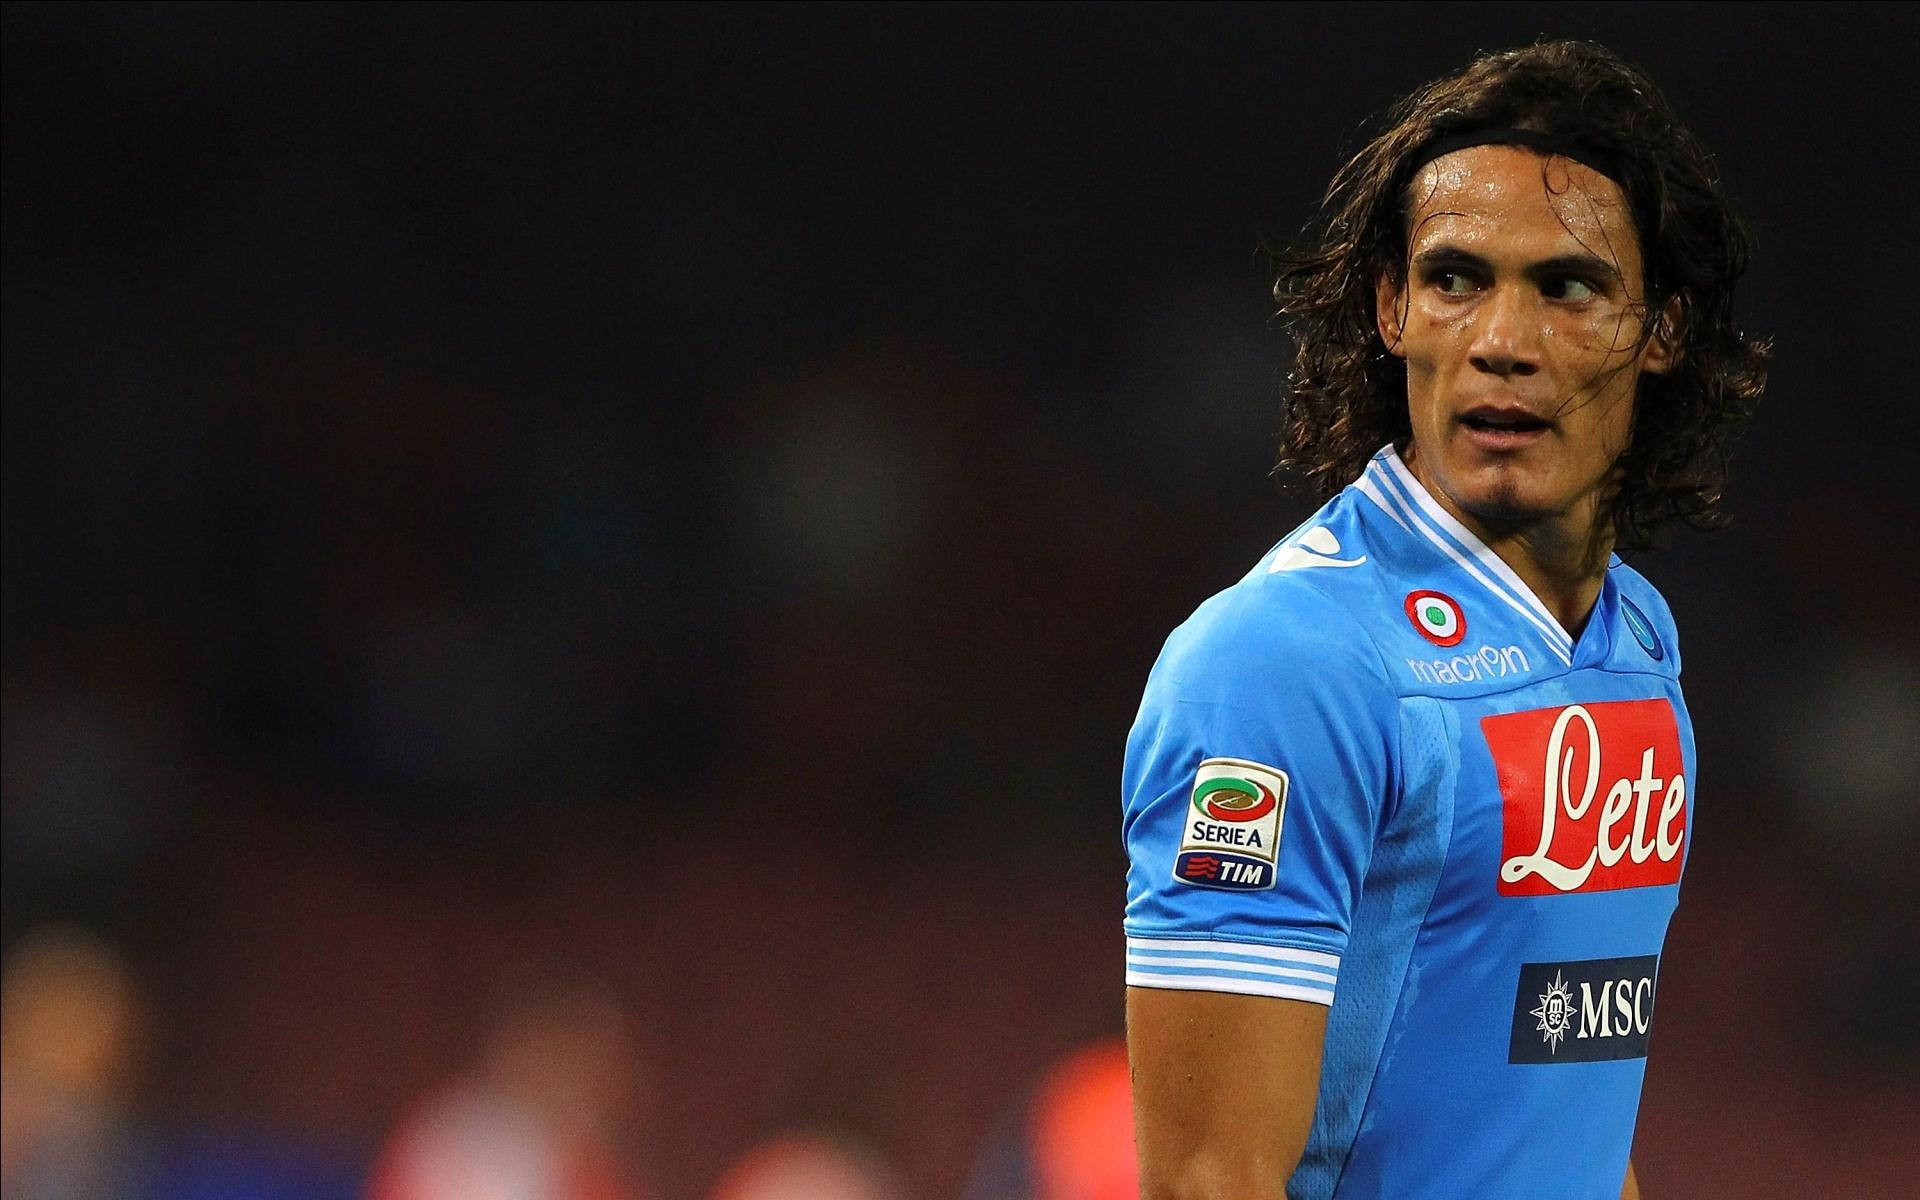 Fondos De Pantalla Edinson Cavani Napoli Jugador De